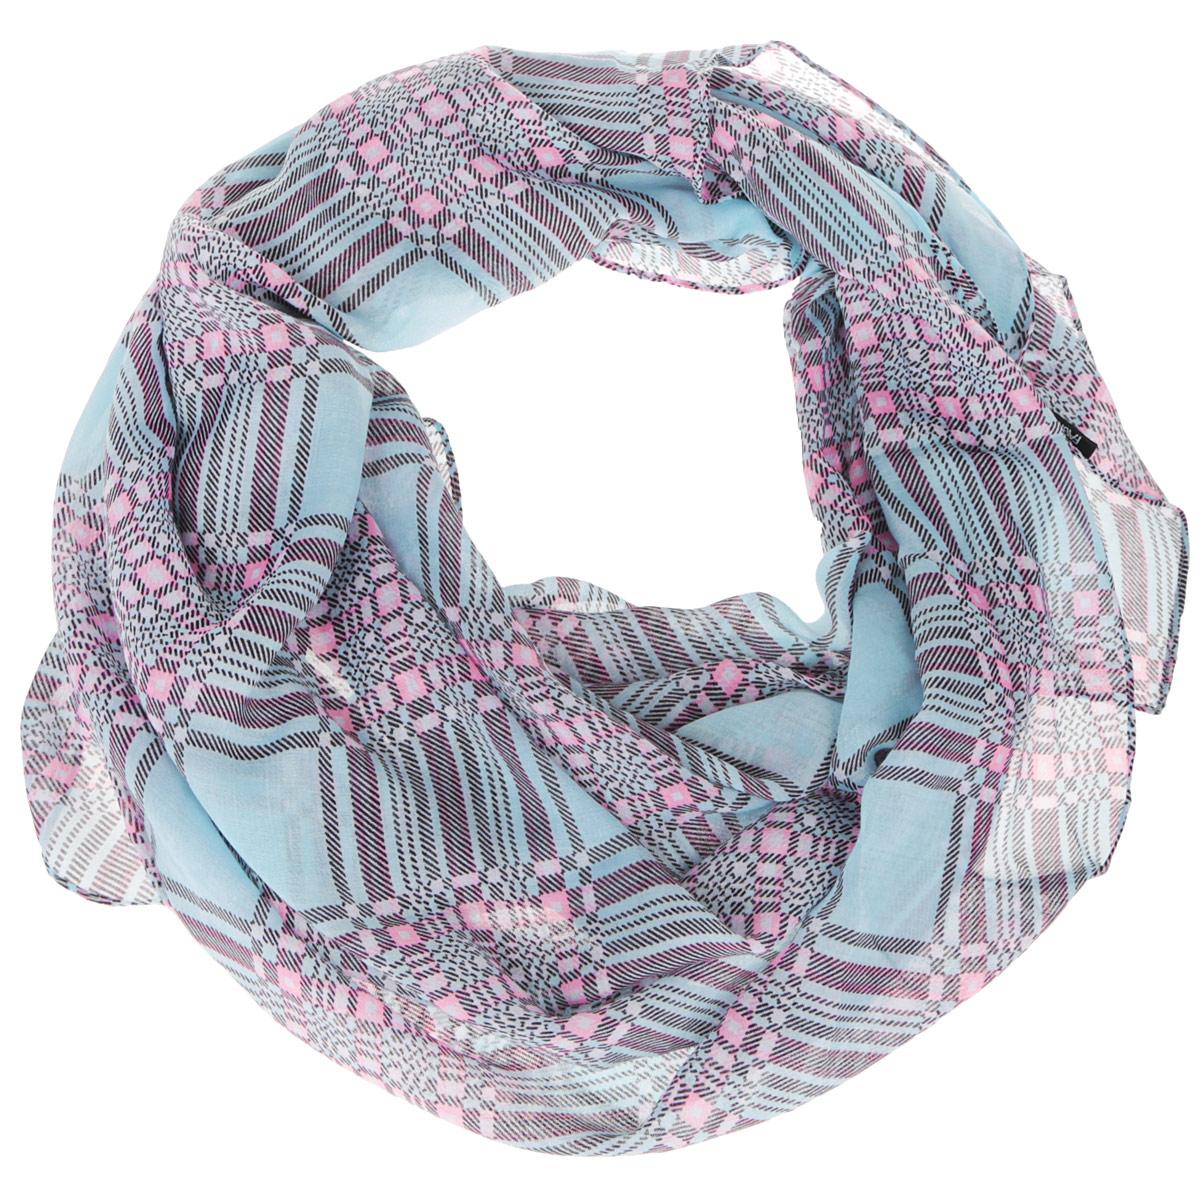 Шарф женский. RH15152RH15152-102Модный женский шарф Fabretti подарит вам уют и станет стильным аксессуаром, который призван подчеркнуть вашу индивидуальность и женственность. Тонкий шарф выполнен из высококачественной 100% вискозы, он невероятно мягкий и приятный на ощупь. Шарф оформлен принтом в крупную клетку. Этот модный аксессуар гармонично дополнит образ современной женщины, следящей за своим имиджем и стремящейся всегда оставаться стильной и элегантной. Такой шарф украсит любой наряд и согреет вас в непогоду, с ним вы всегда будете выглядеть изысканно и оригинально.